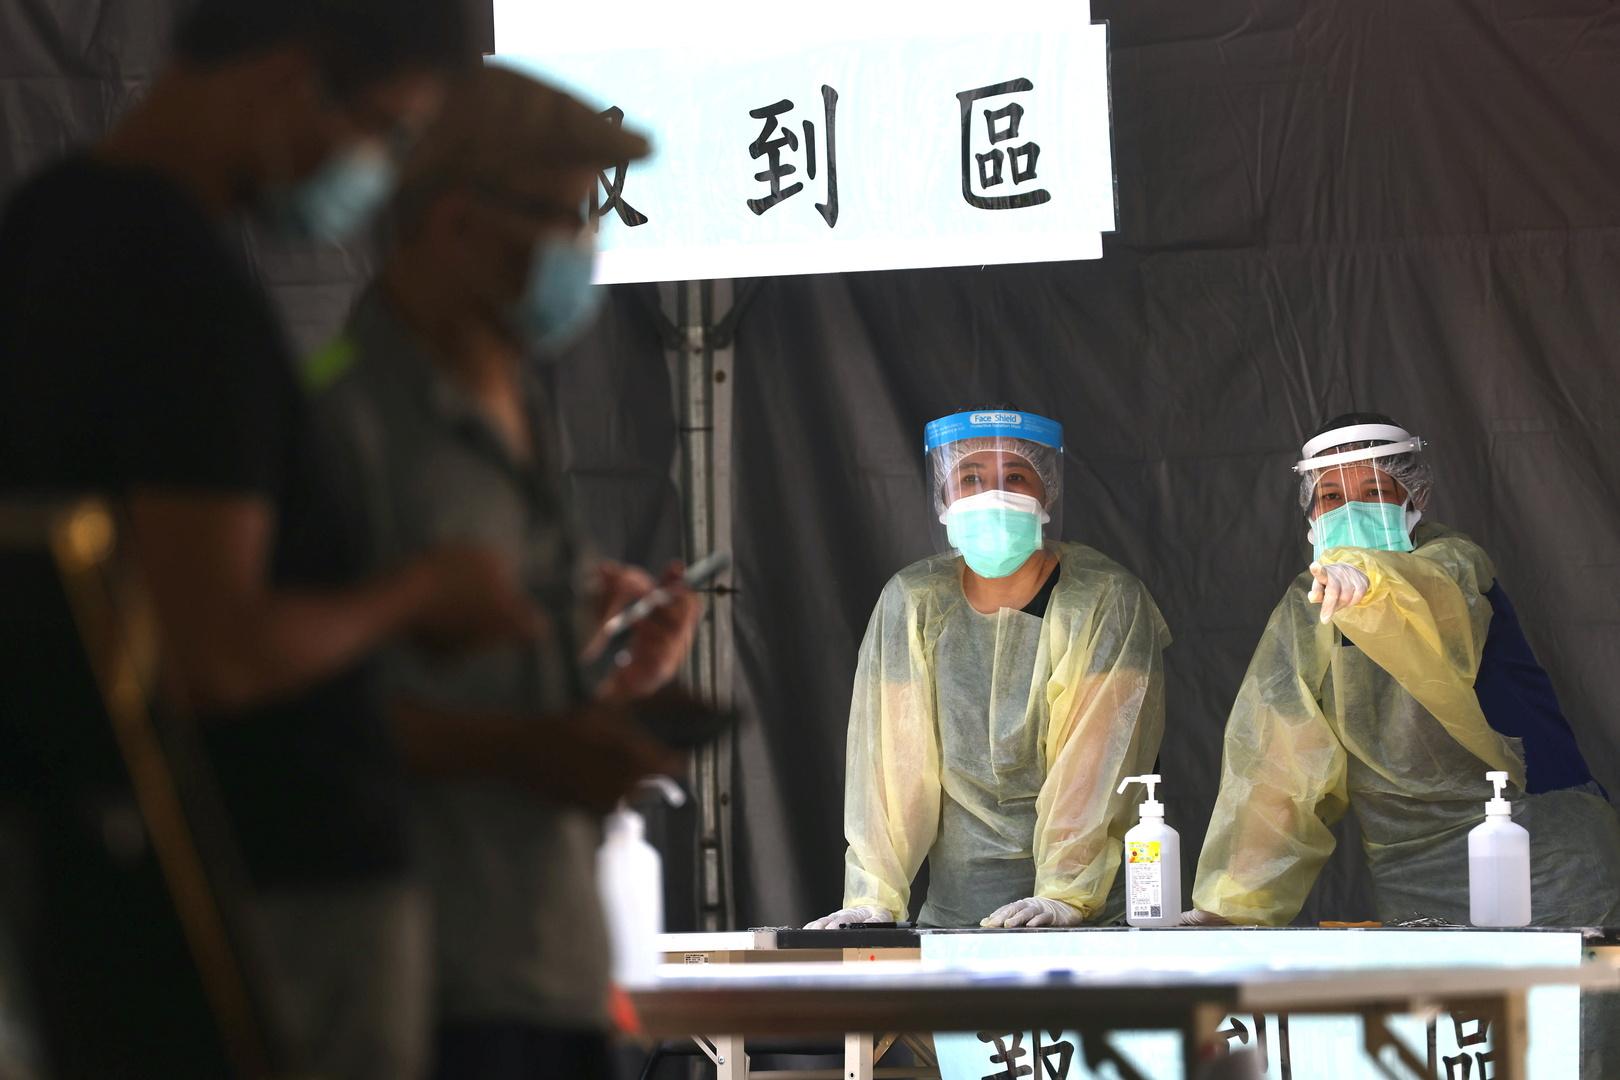 تايوان تتهم الصين بمنعها من إبرام عقد لشراء لقاح كورونا من